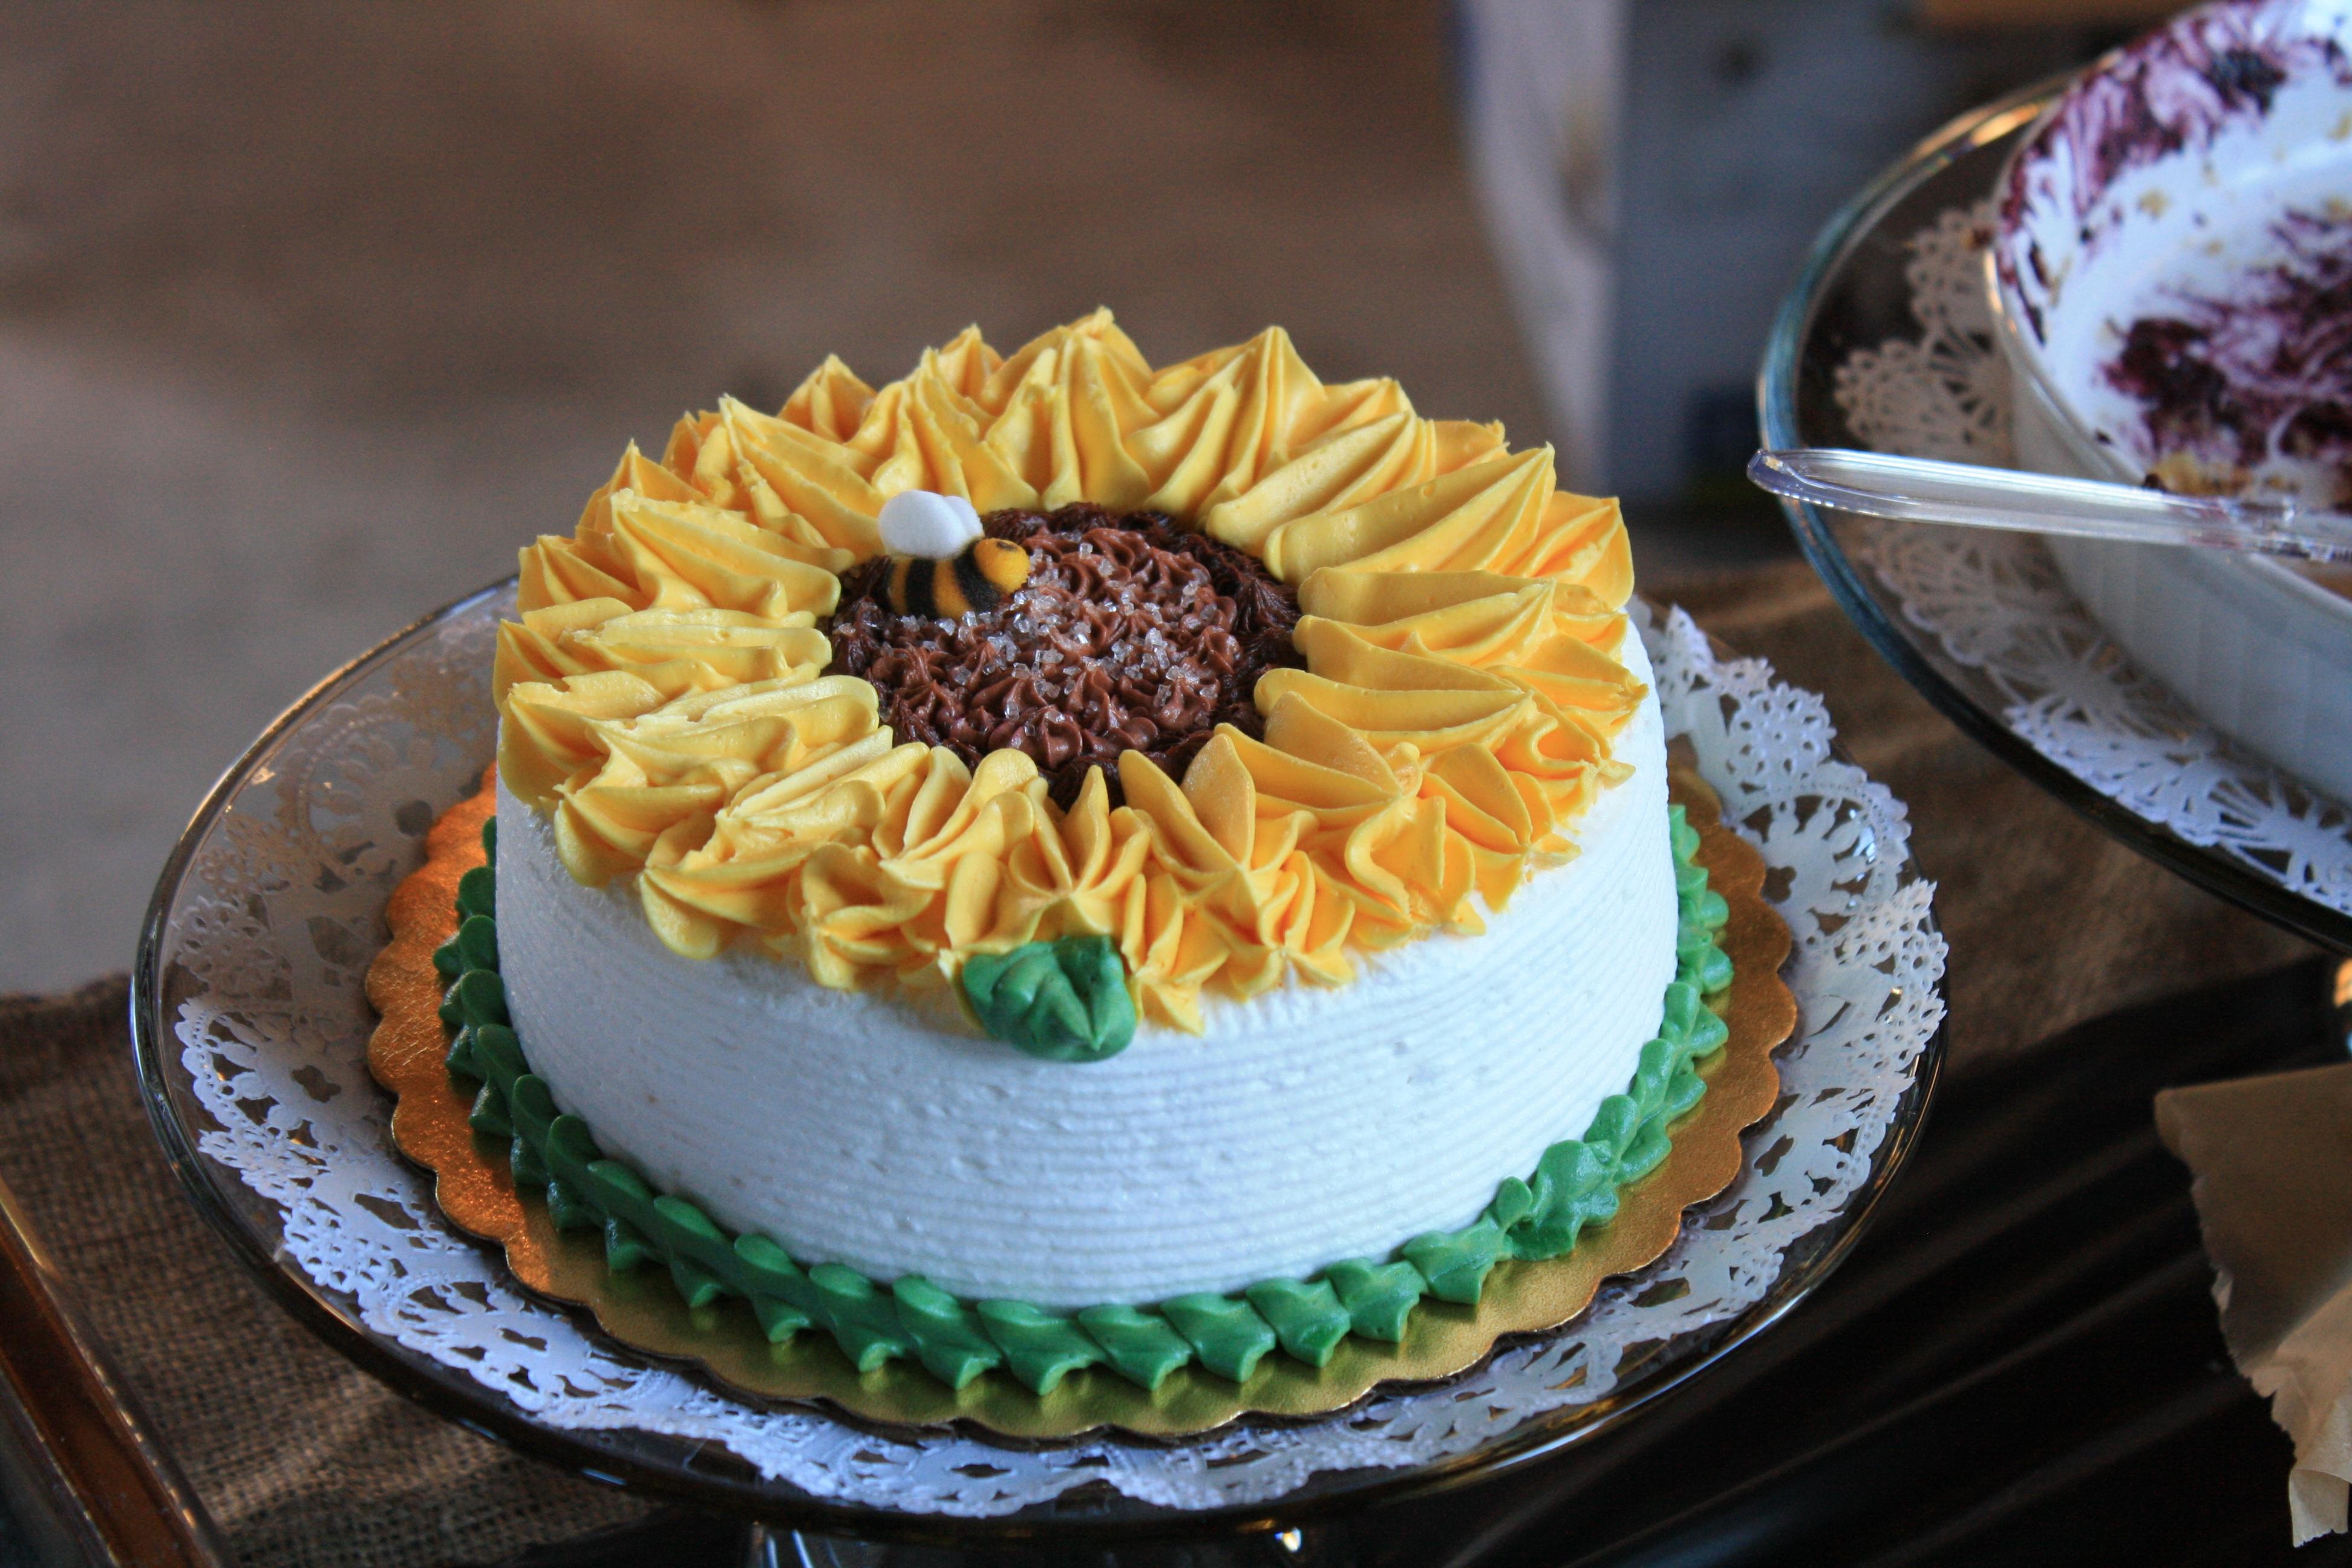 fotos gratis dulce flor comida produce fresco postre cocina delicioso panadera girasol horneado pastel de cumpleaos formacin de hielo